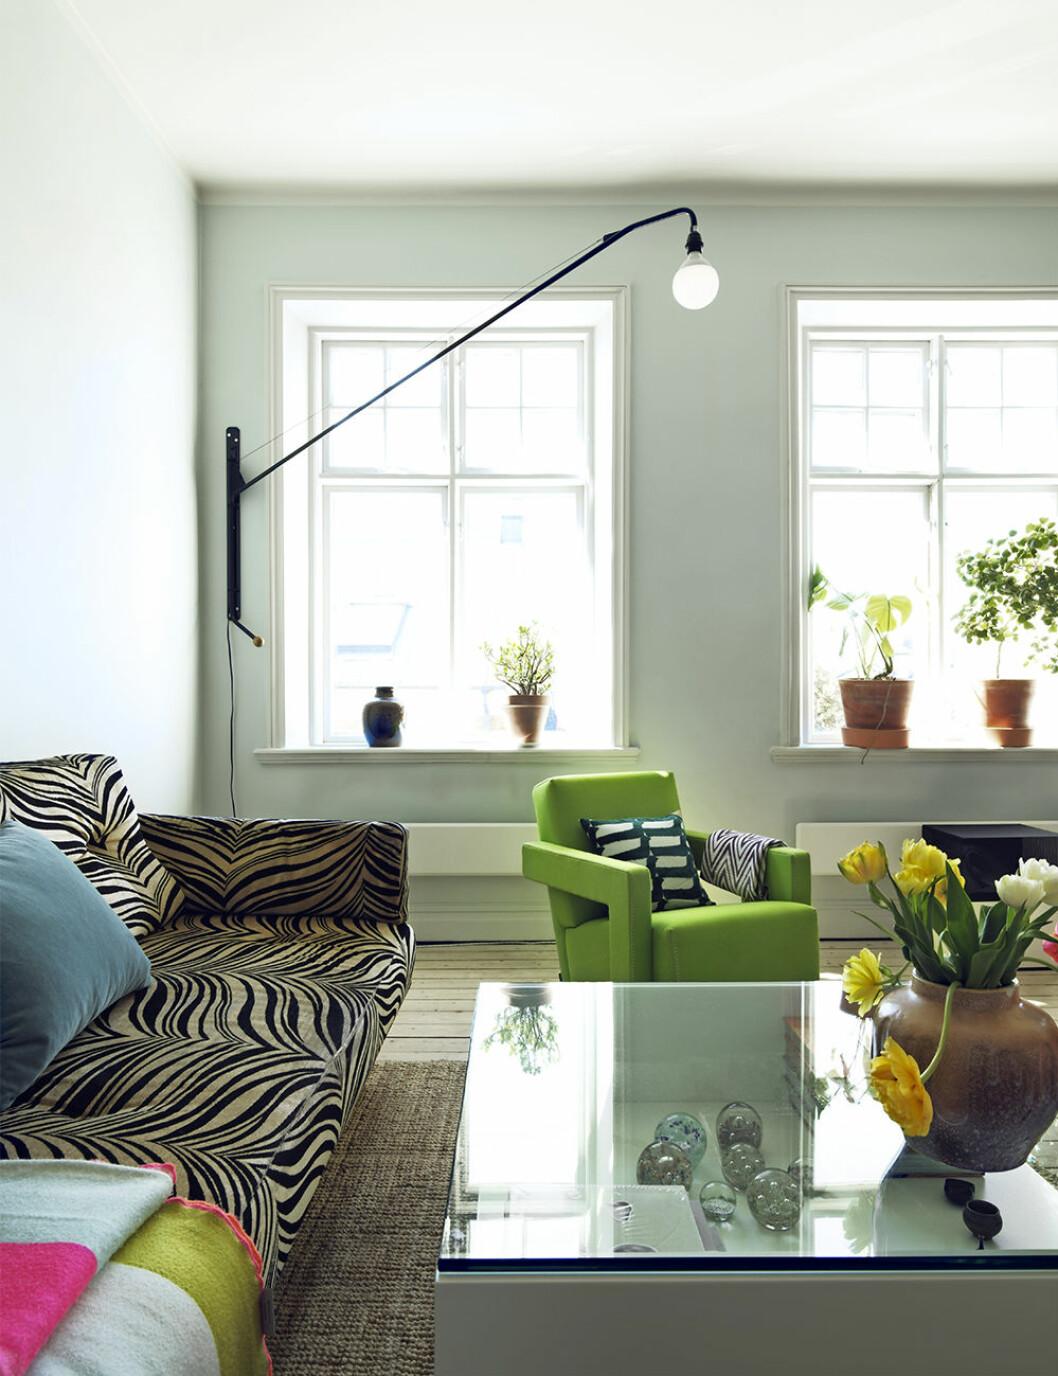 Vägghängd belysning är en smart compact living-lösning